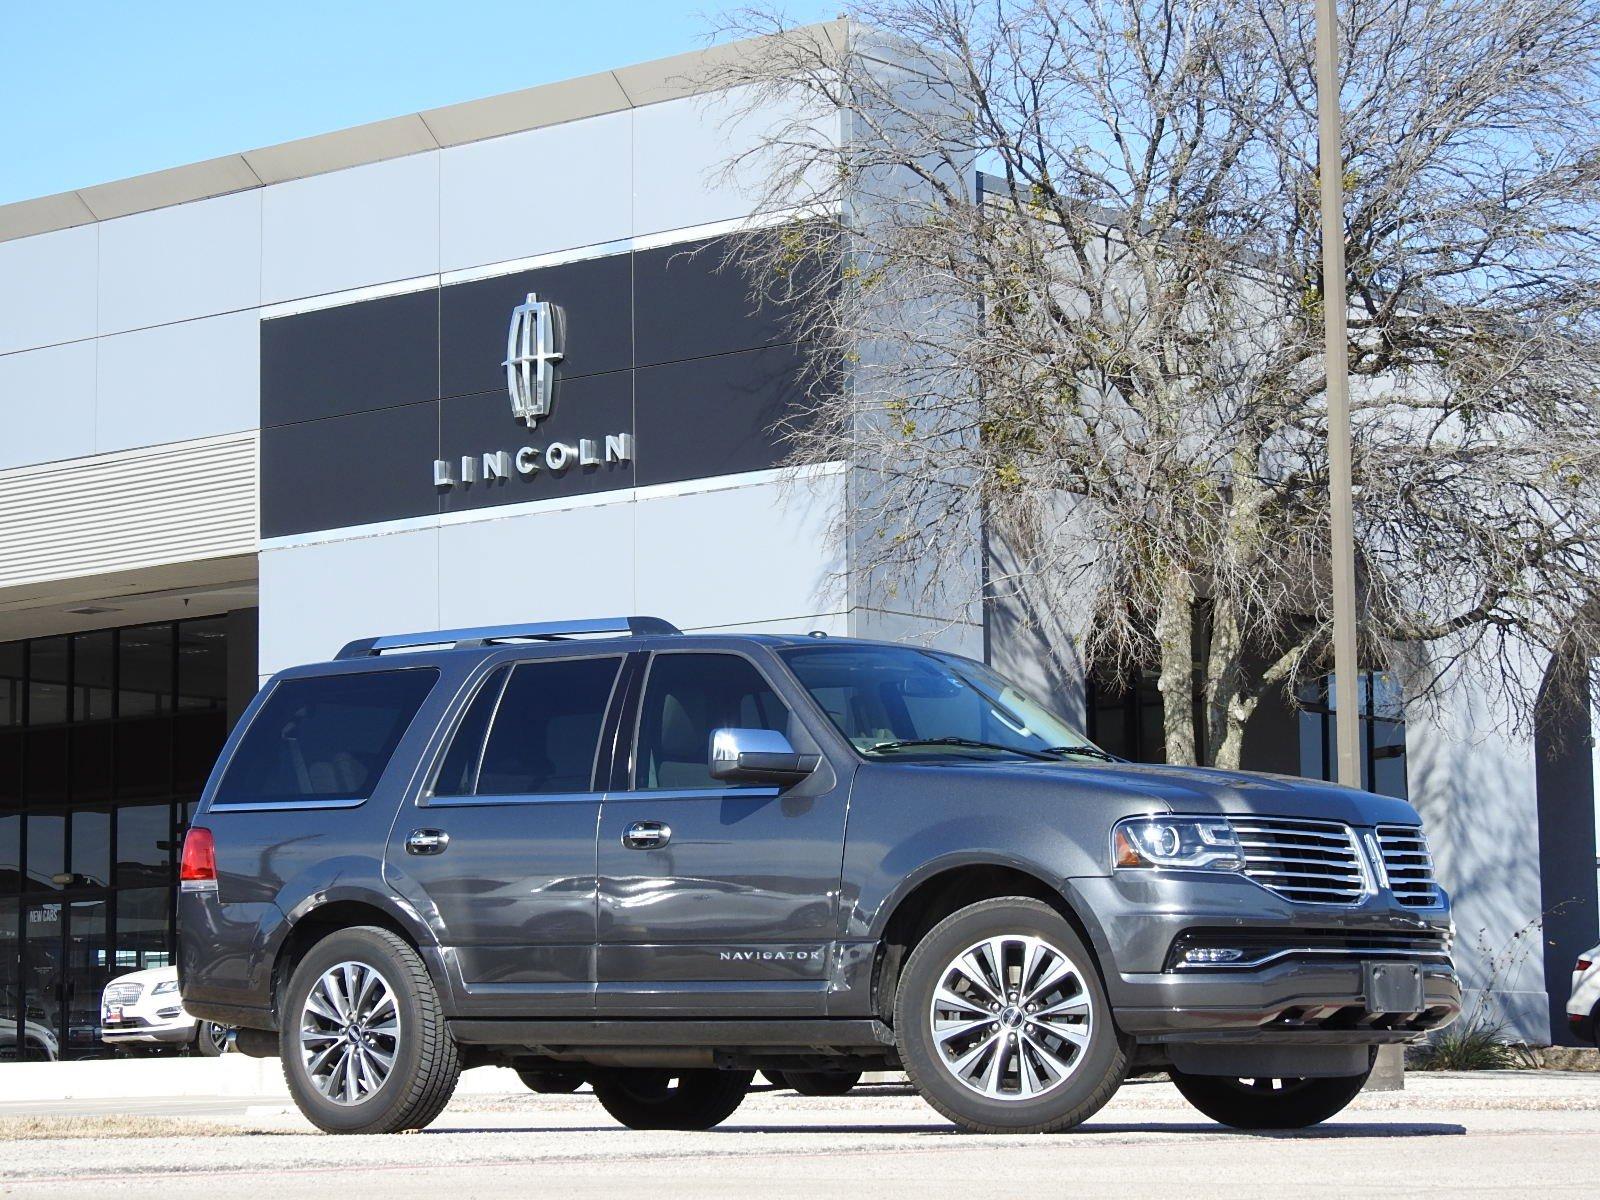 2015 Lincoln Navigator 2WD image